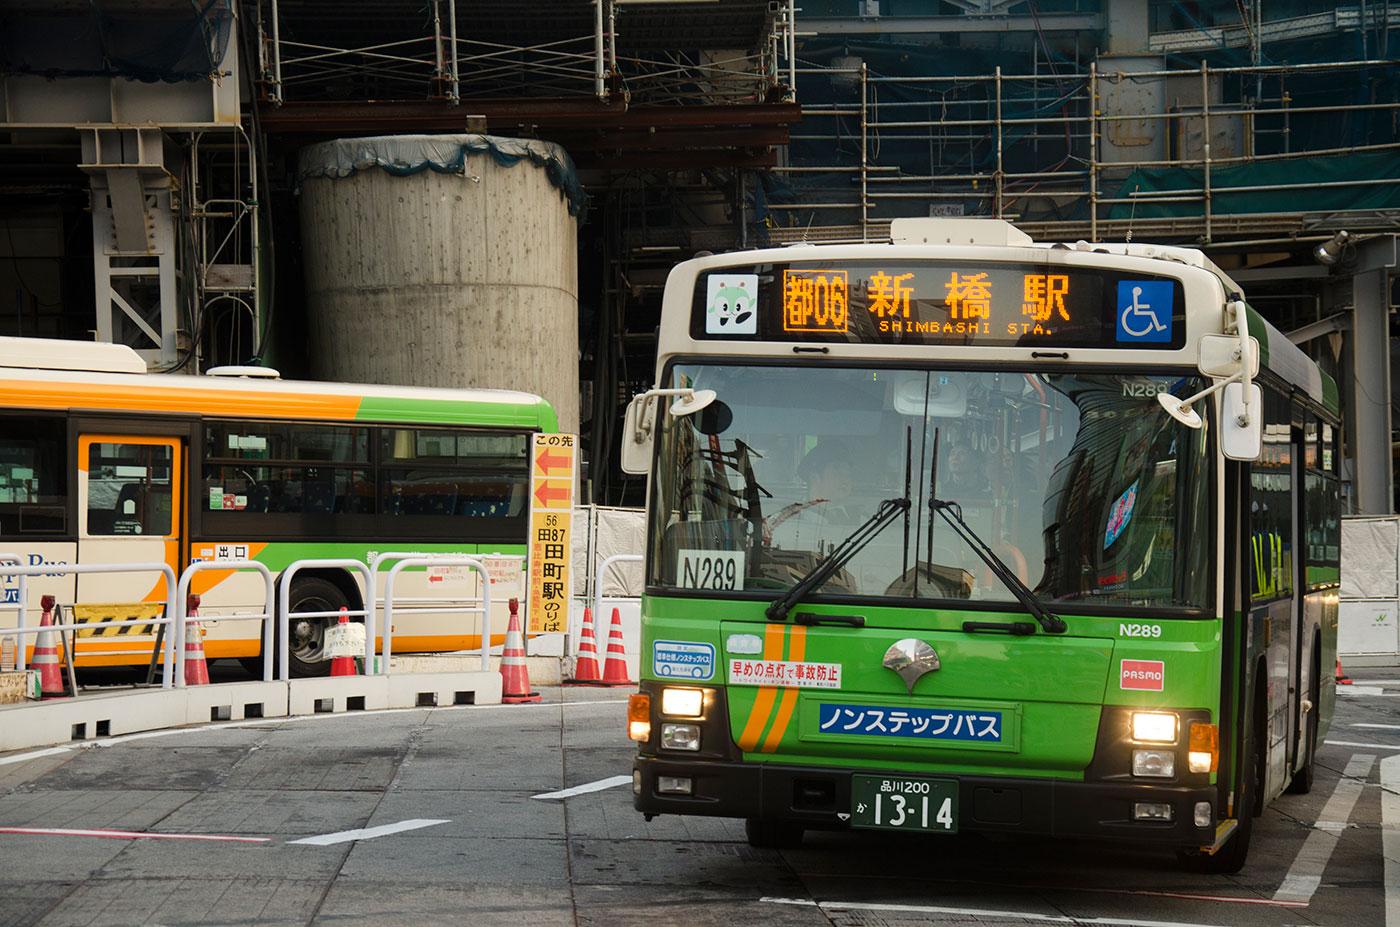 キネヅカ70歳以上の都民は要チェック! 東京都シルバーパス人気ランキングお役立ち情報